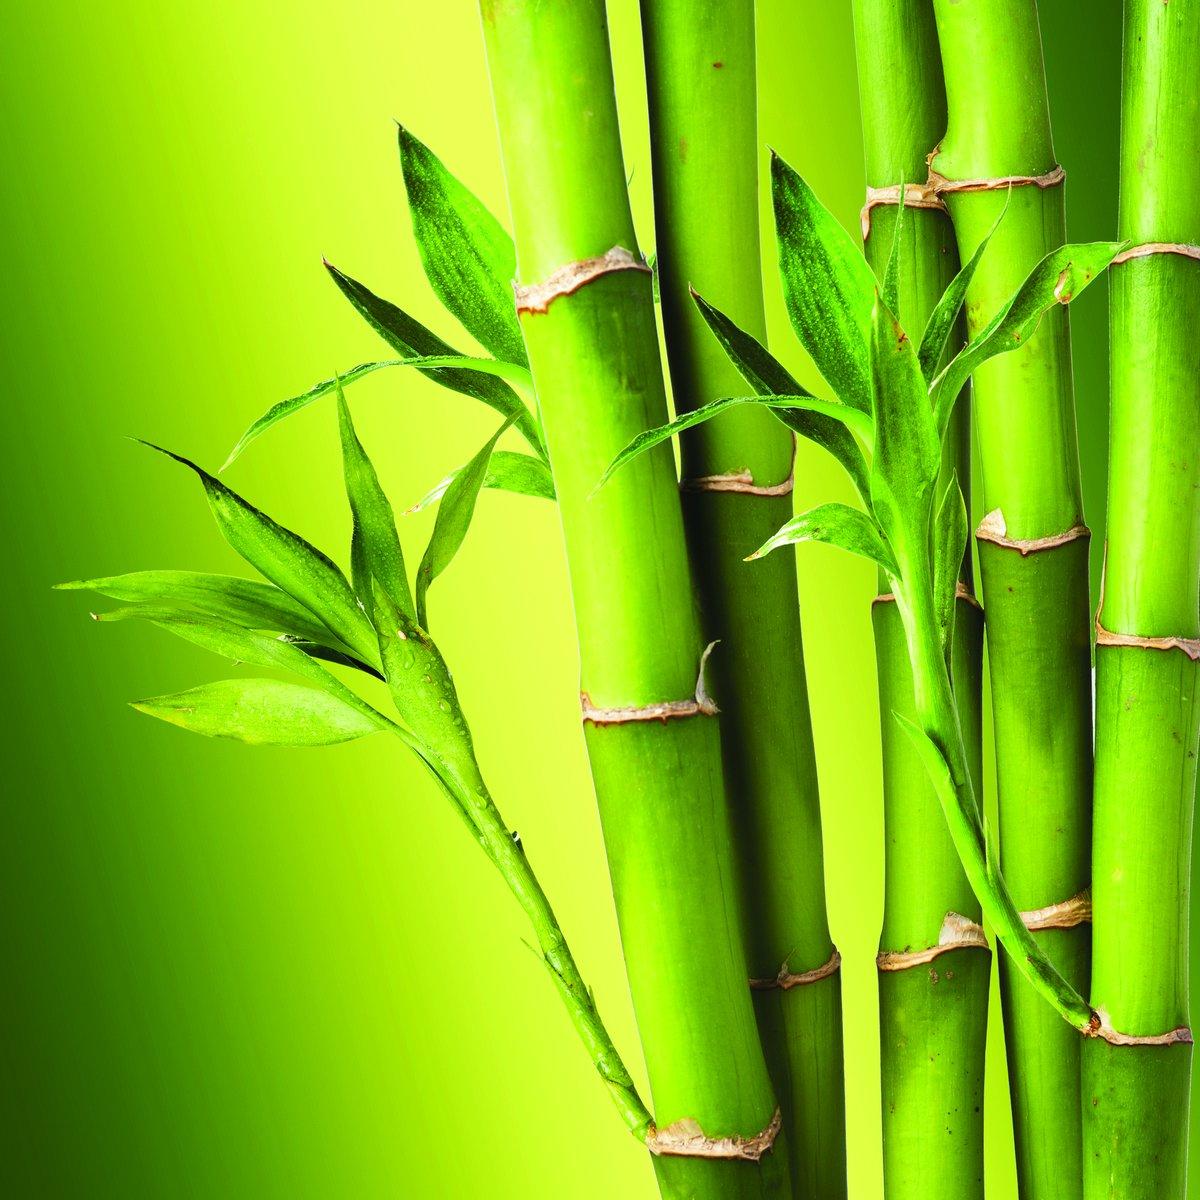 резонансный скандал картинка с бамбуком мамочка мечтает